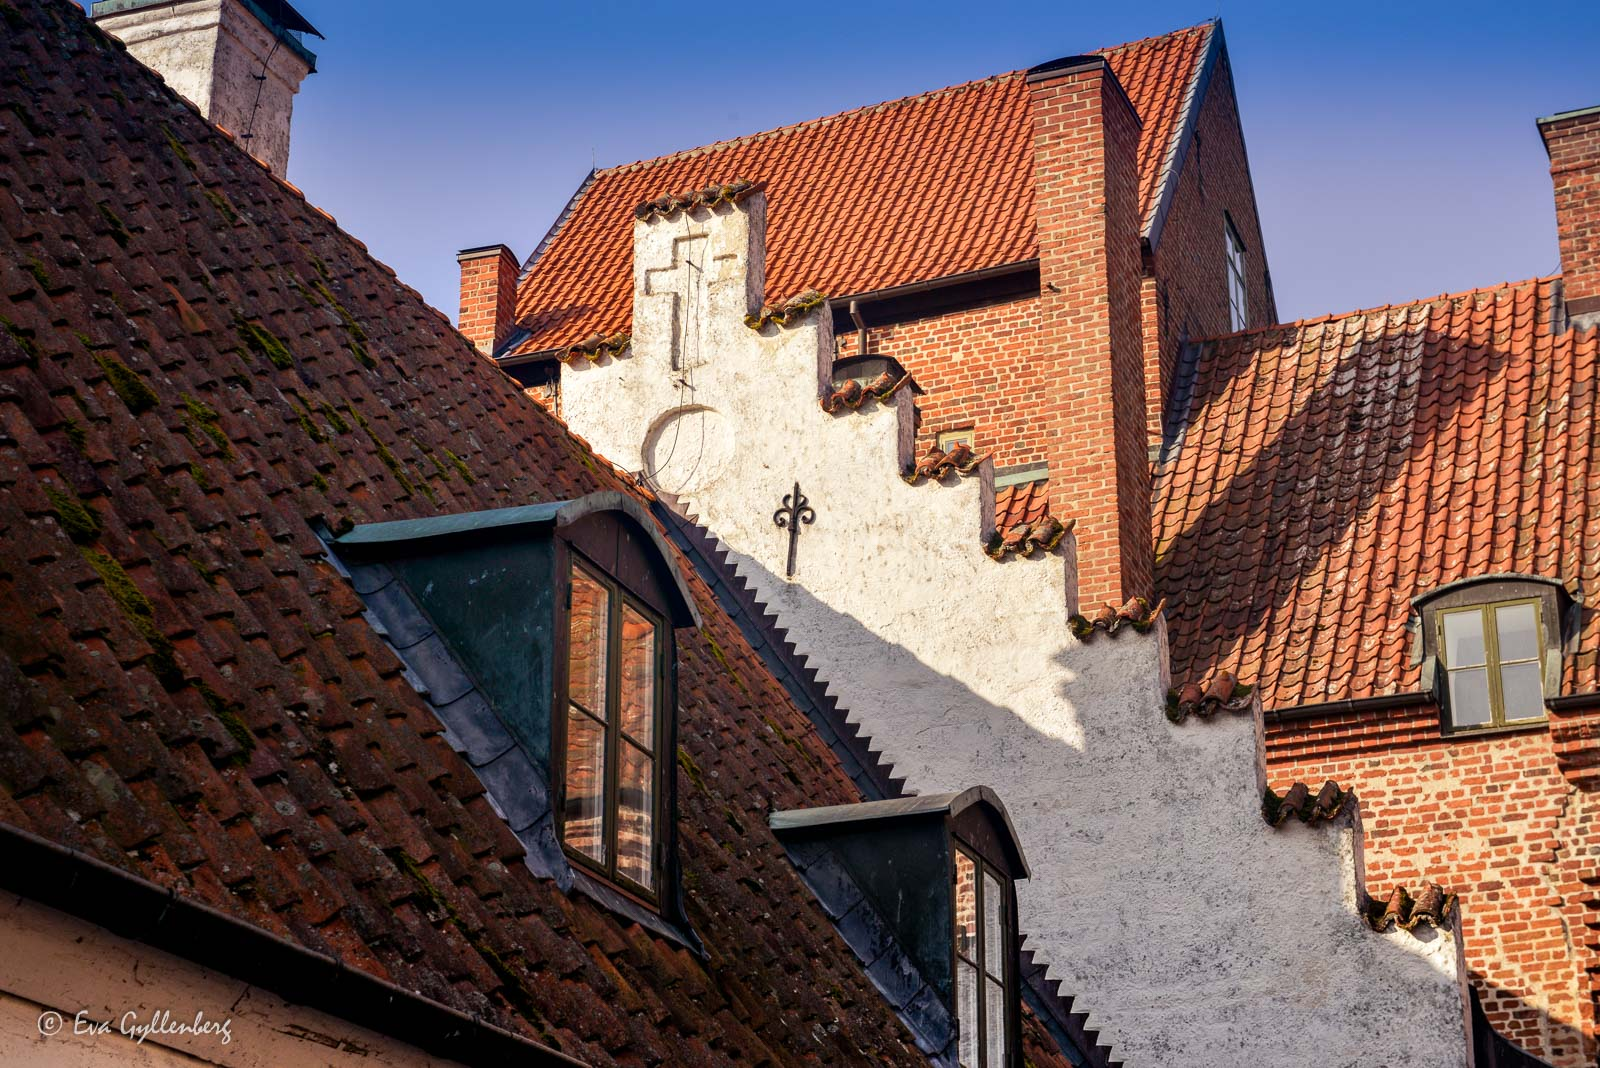 Kors som minner om svunna tider - Bäckaskog slott